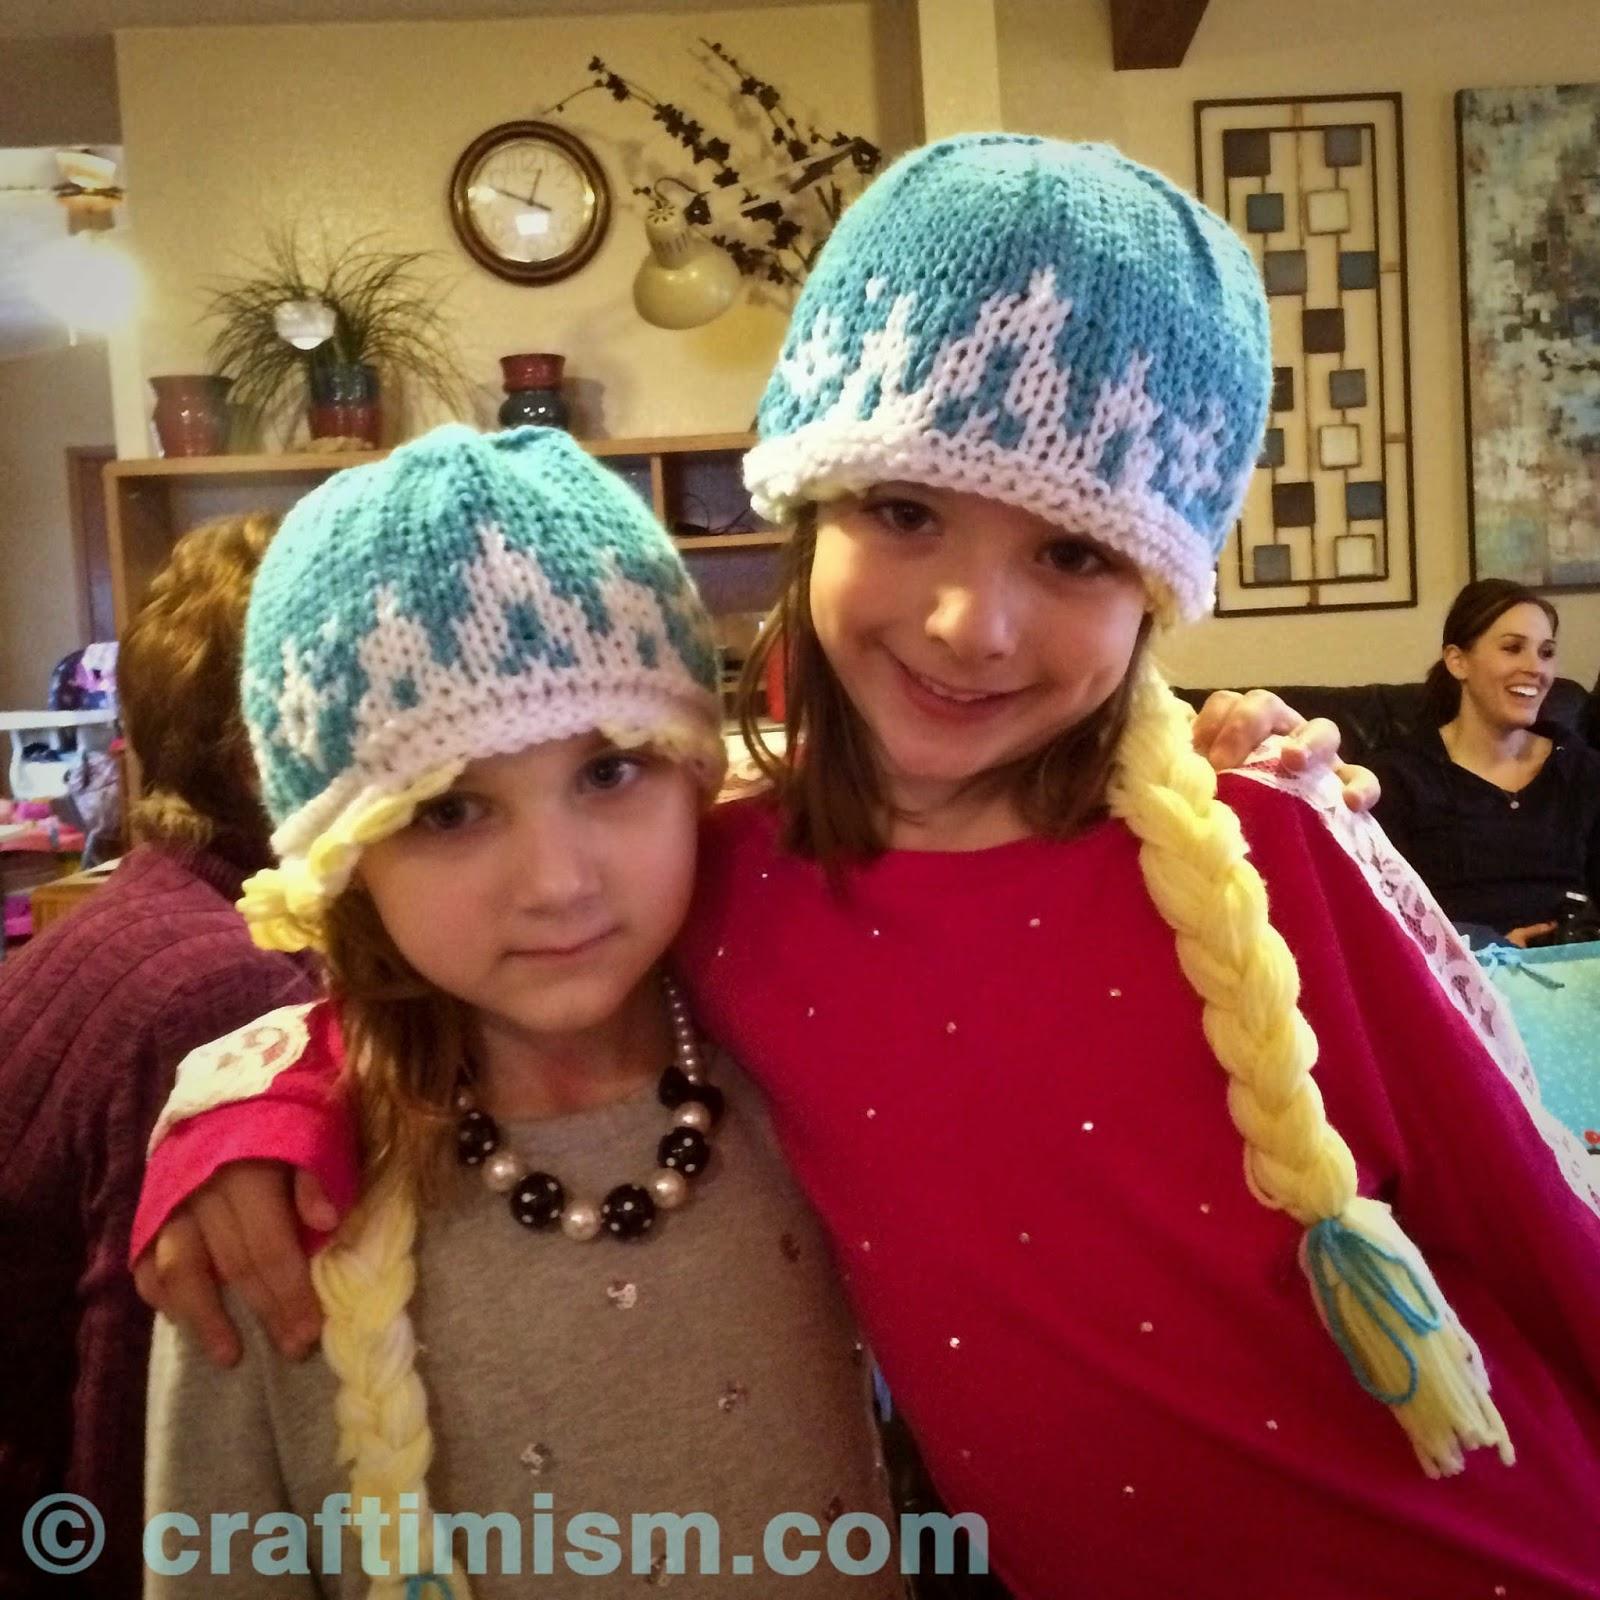 Knitting Pattern For Elsa Hat : Craftimism: Elsa Knit Hat